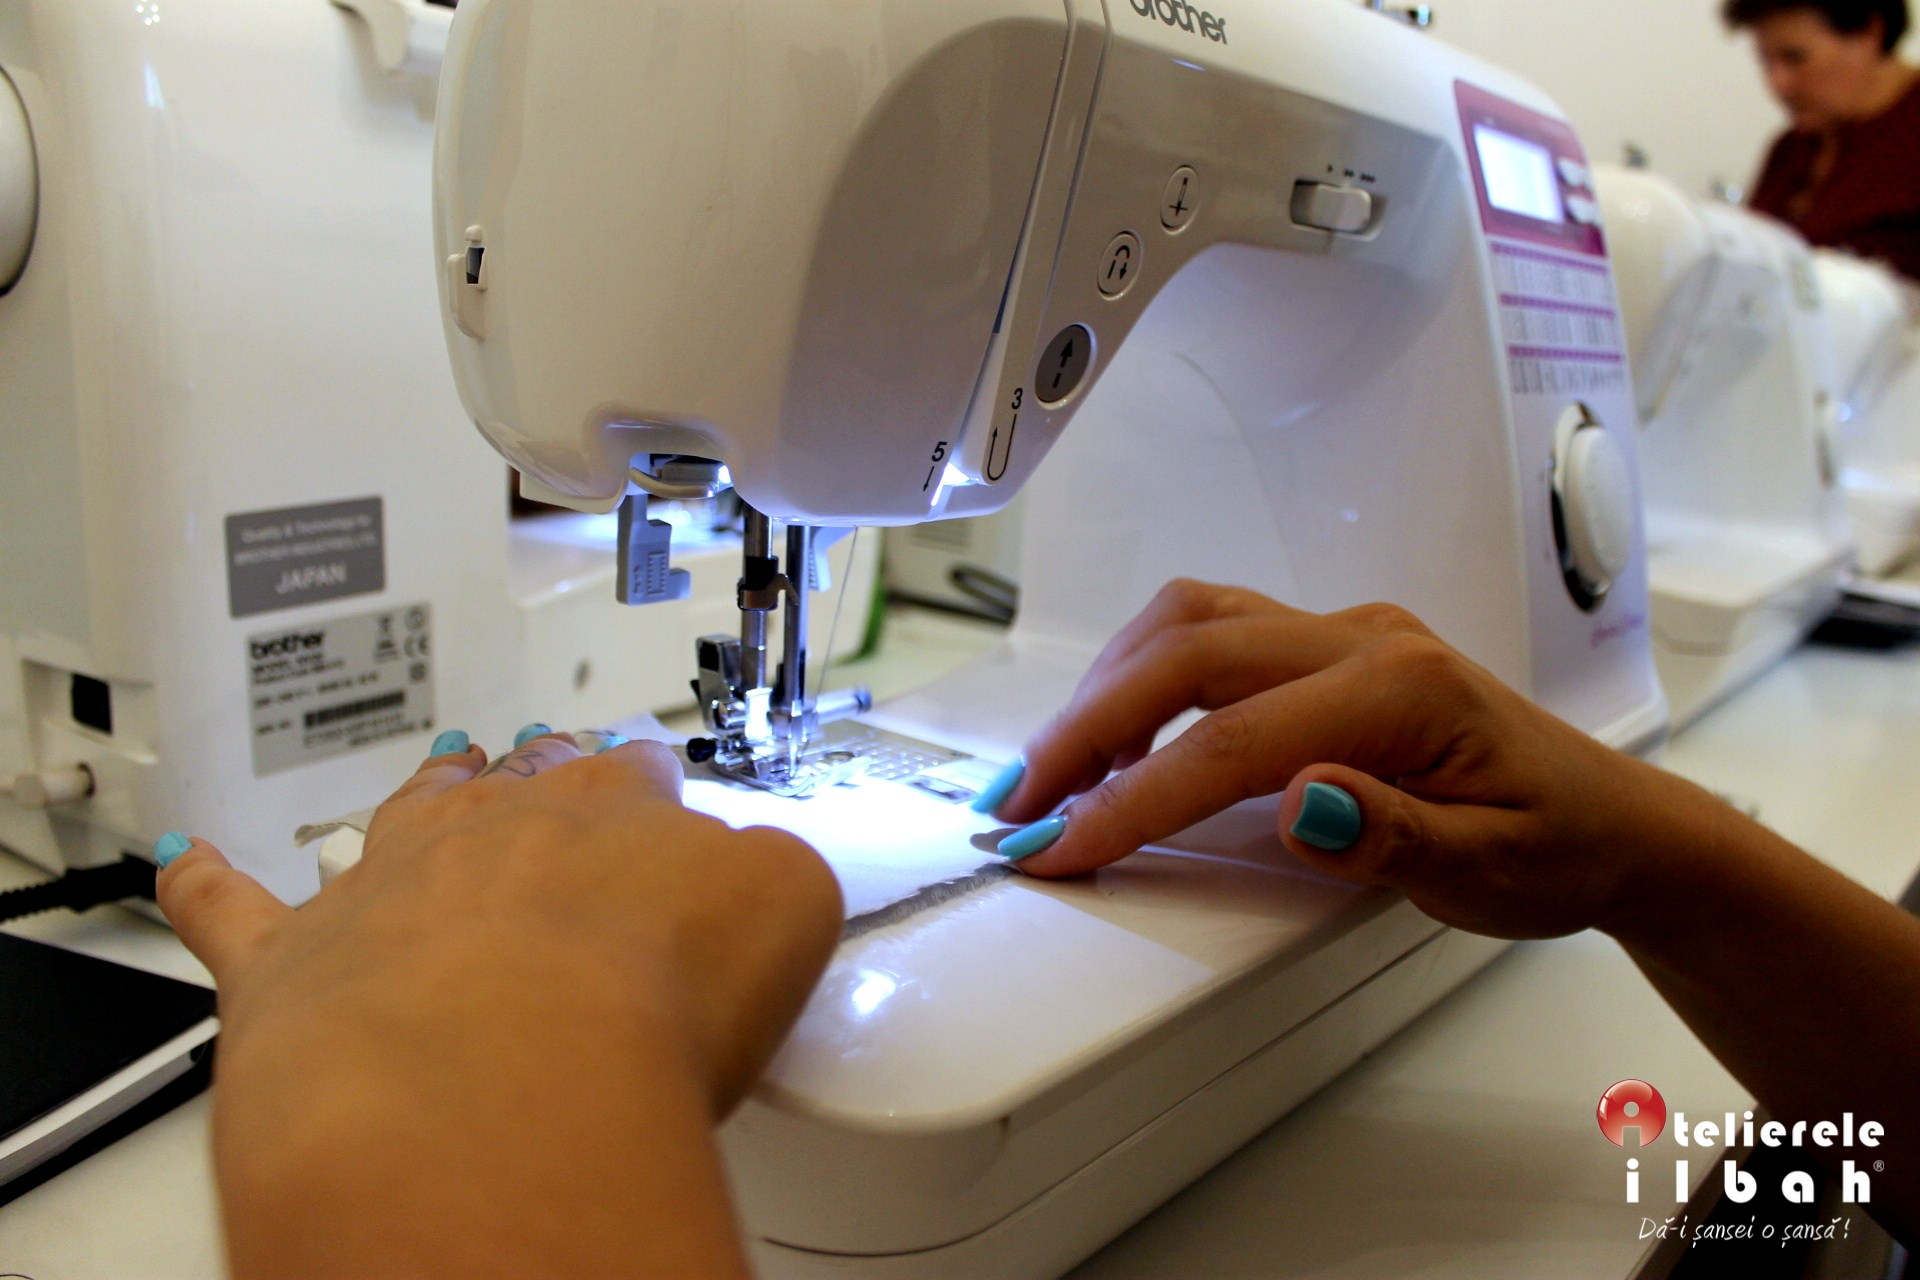 Pasionații de modă își dau întâlnire la Workshopurile TTS powered by Atelierele ILBAH